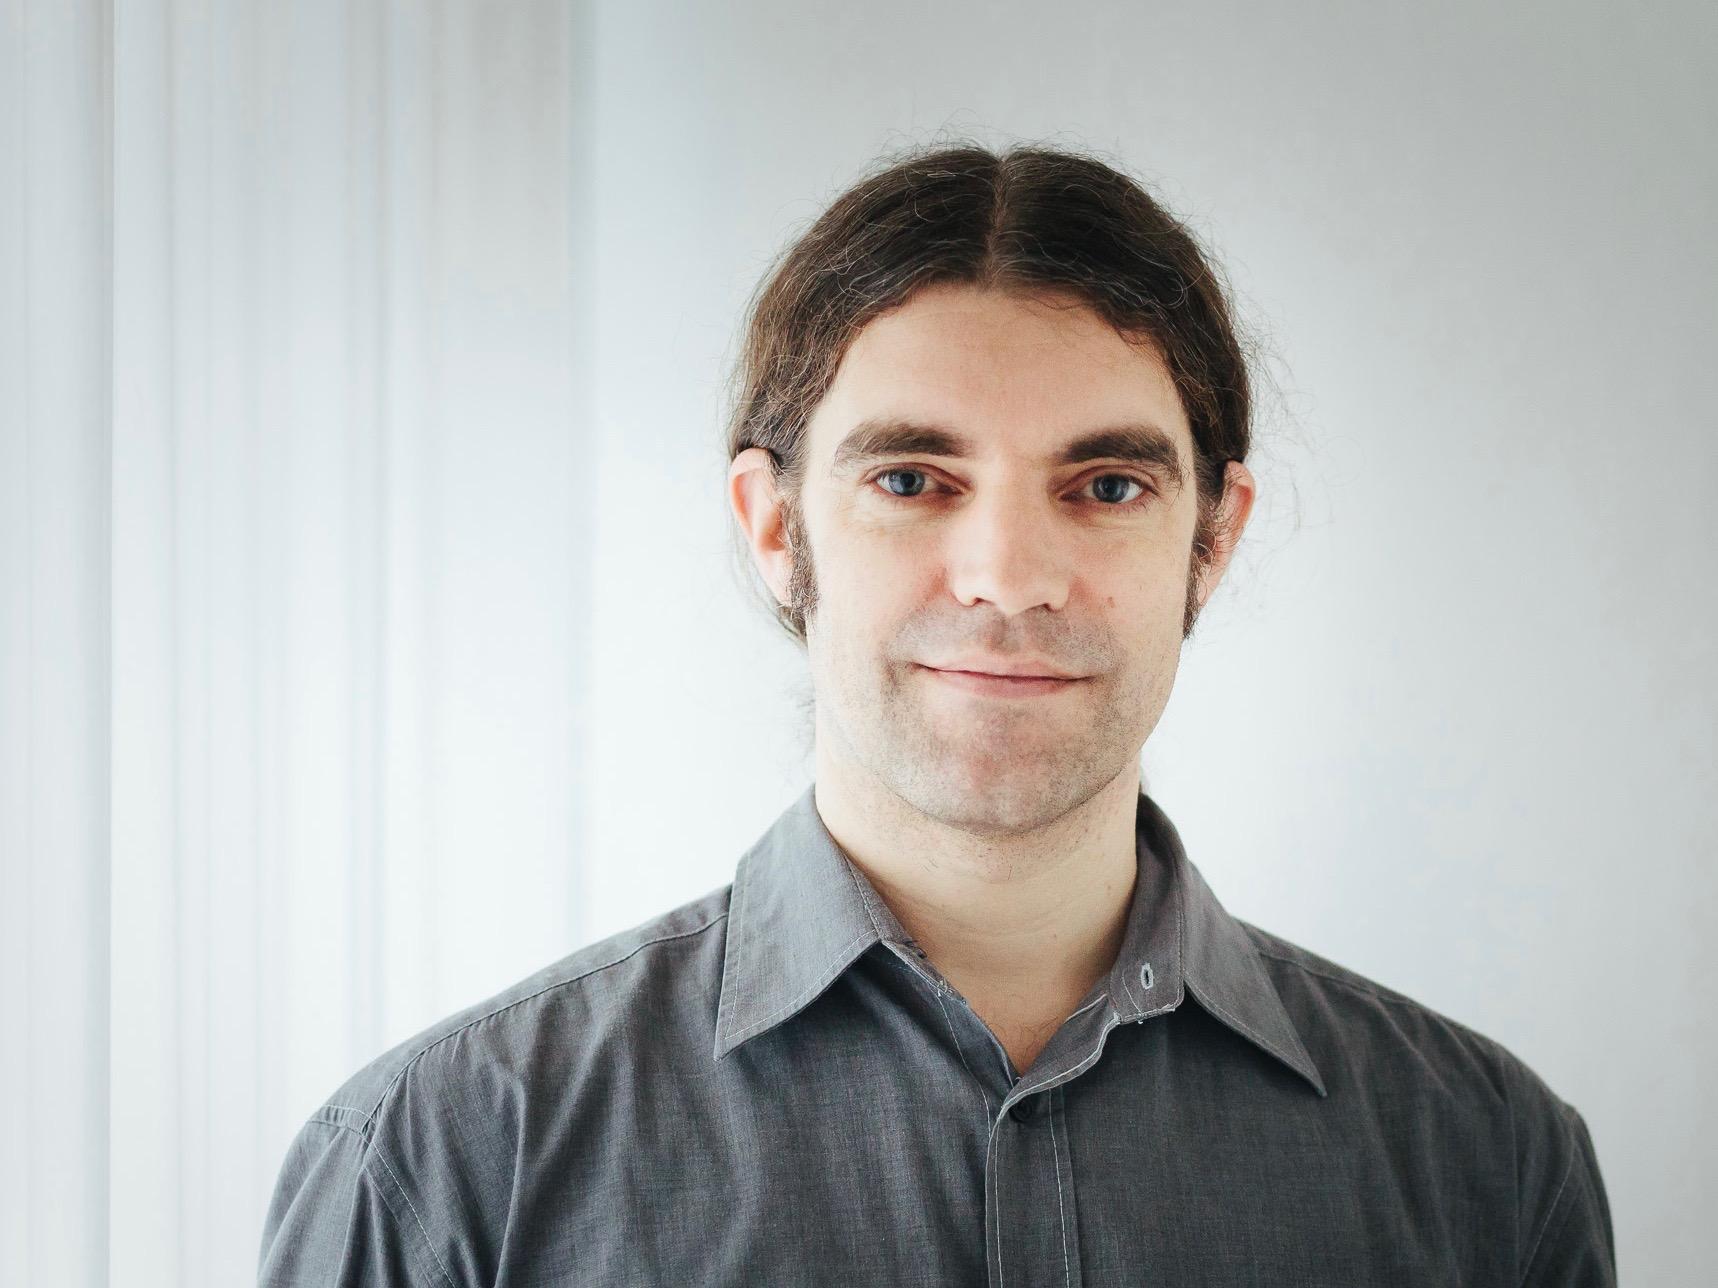 Matthias Rous